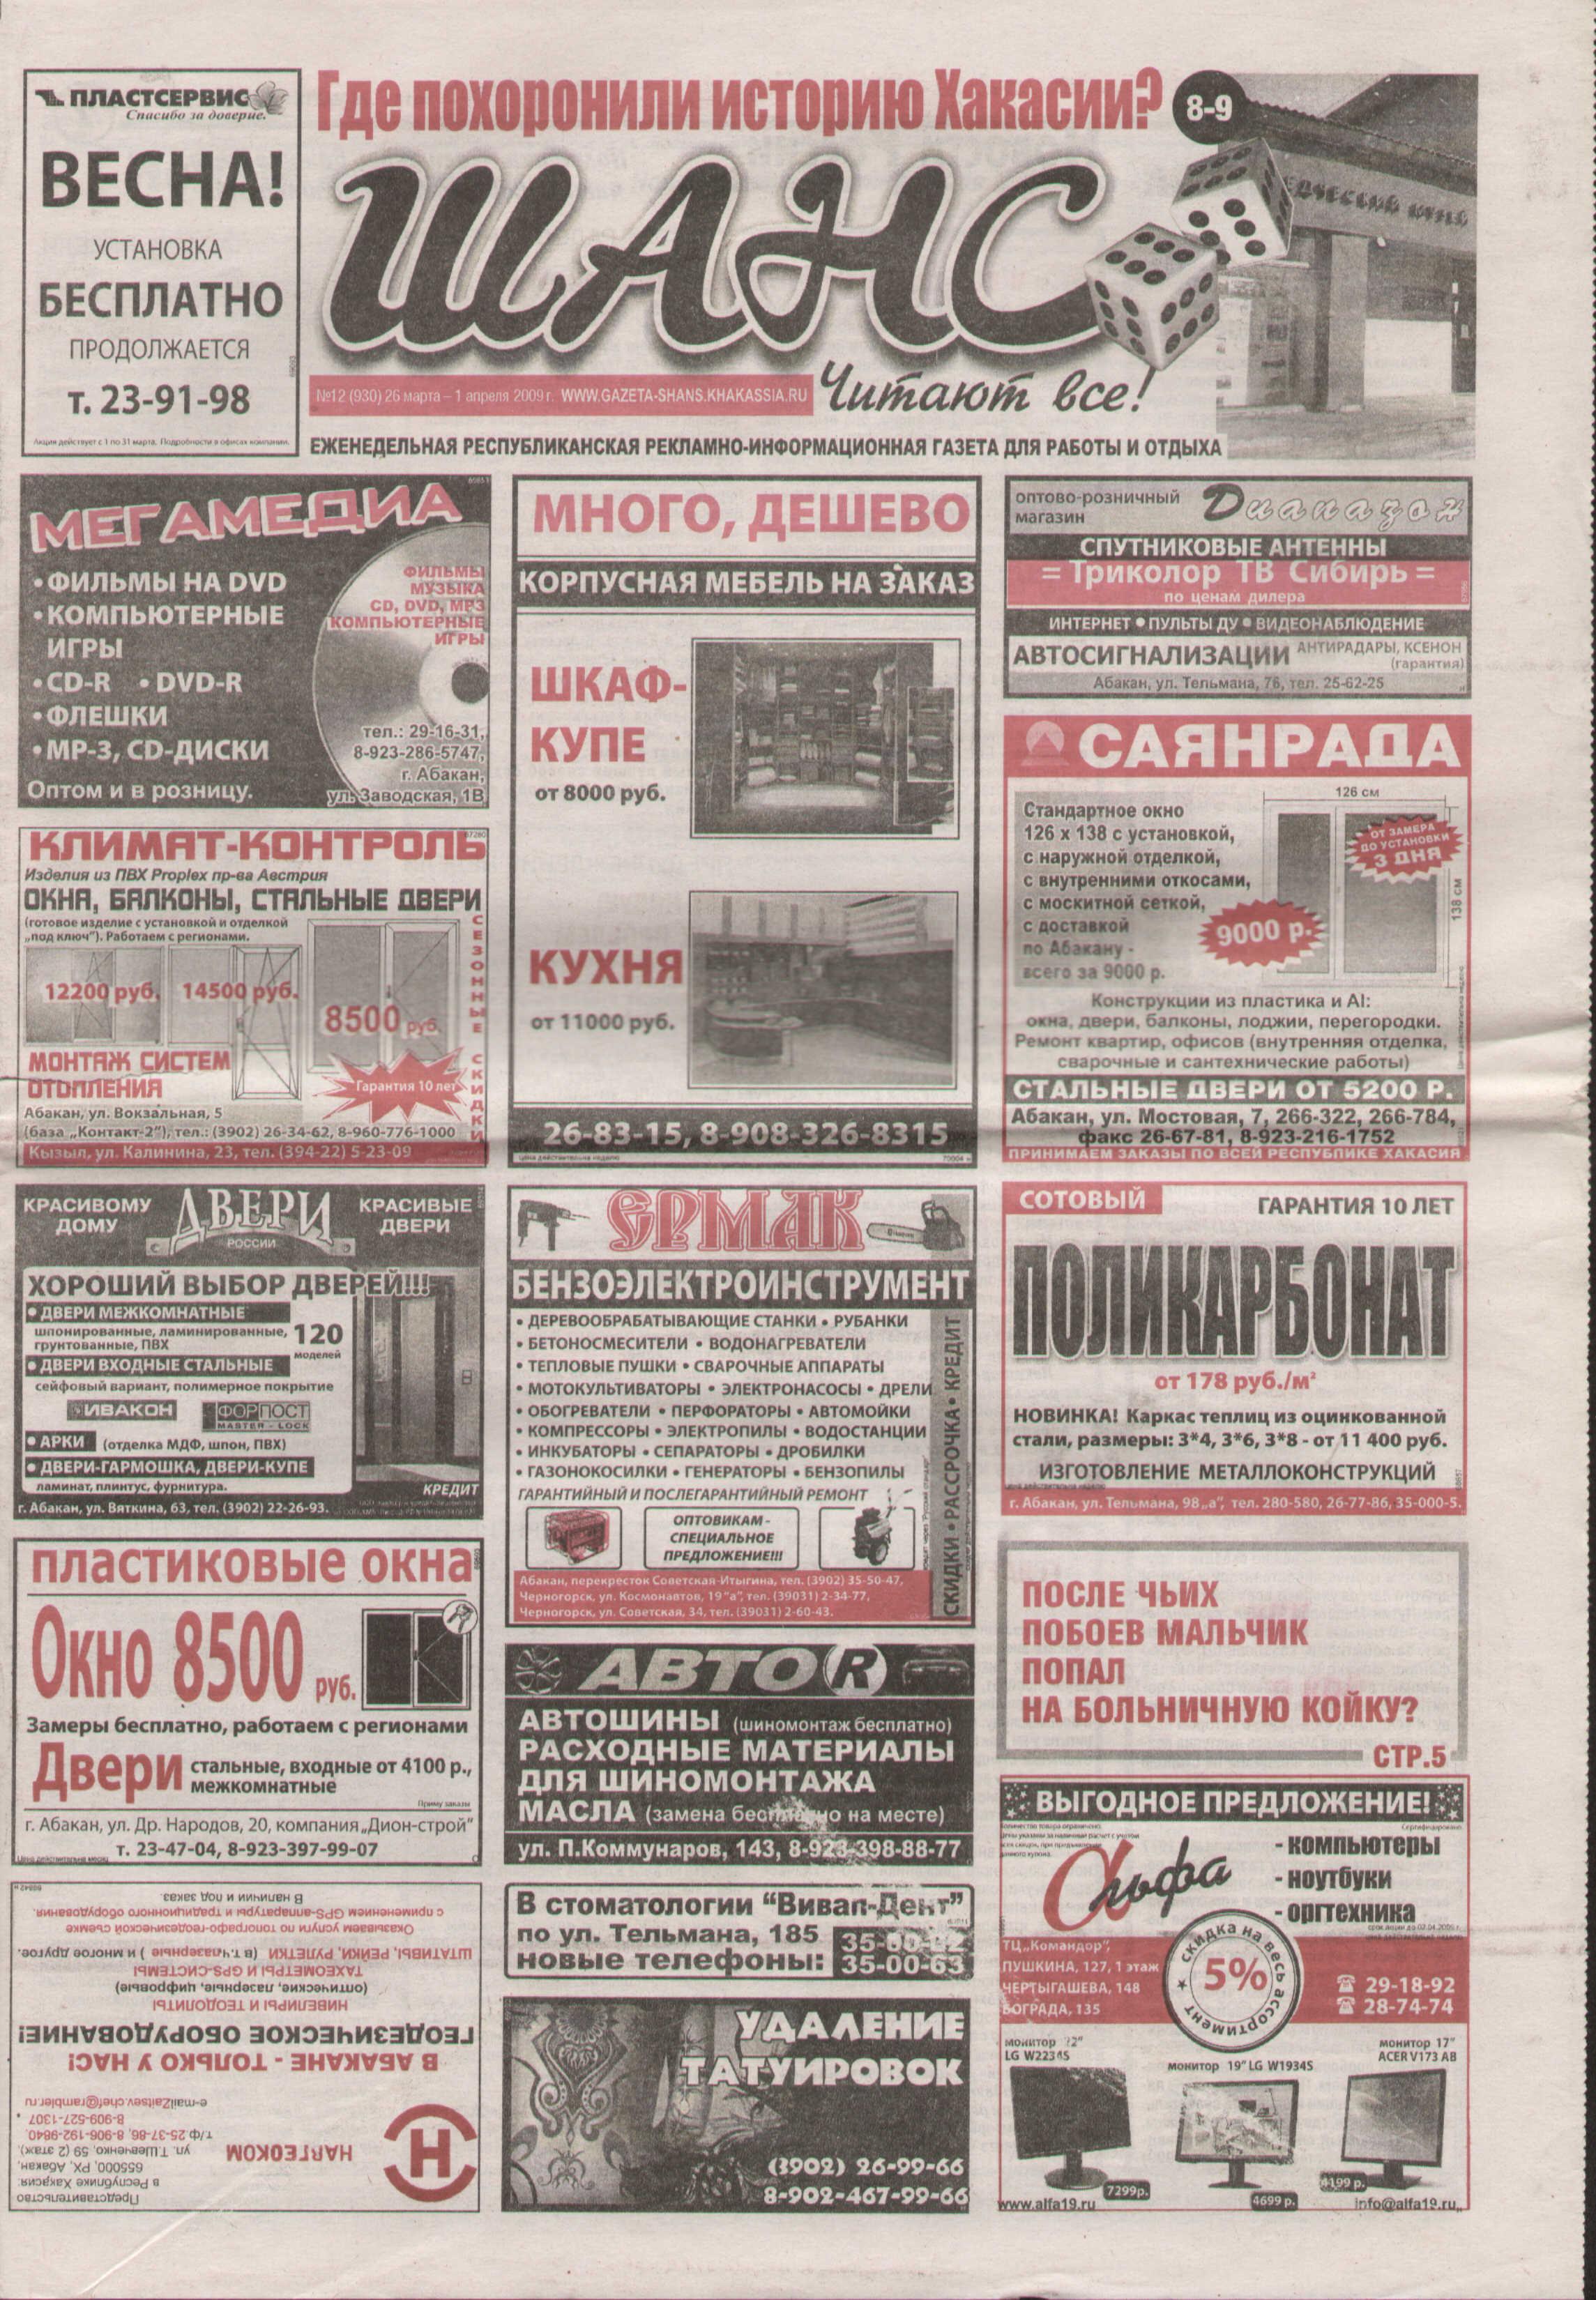 Дать объявление в газету шанс абакан моя реклама калуга газета подать объявление